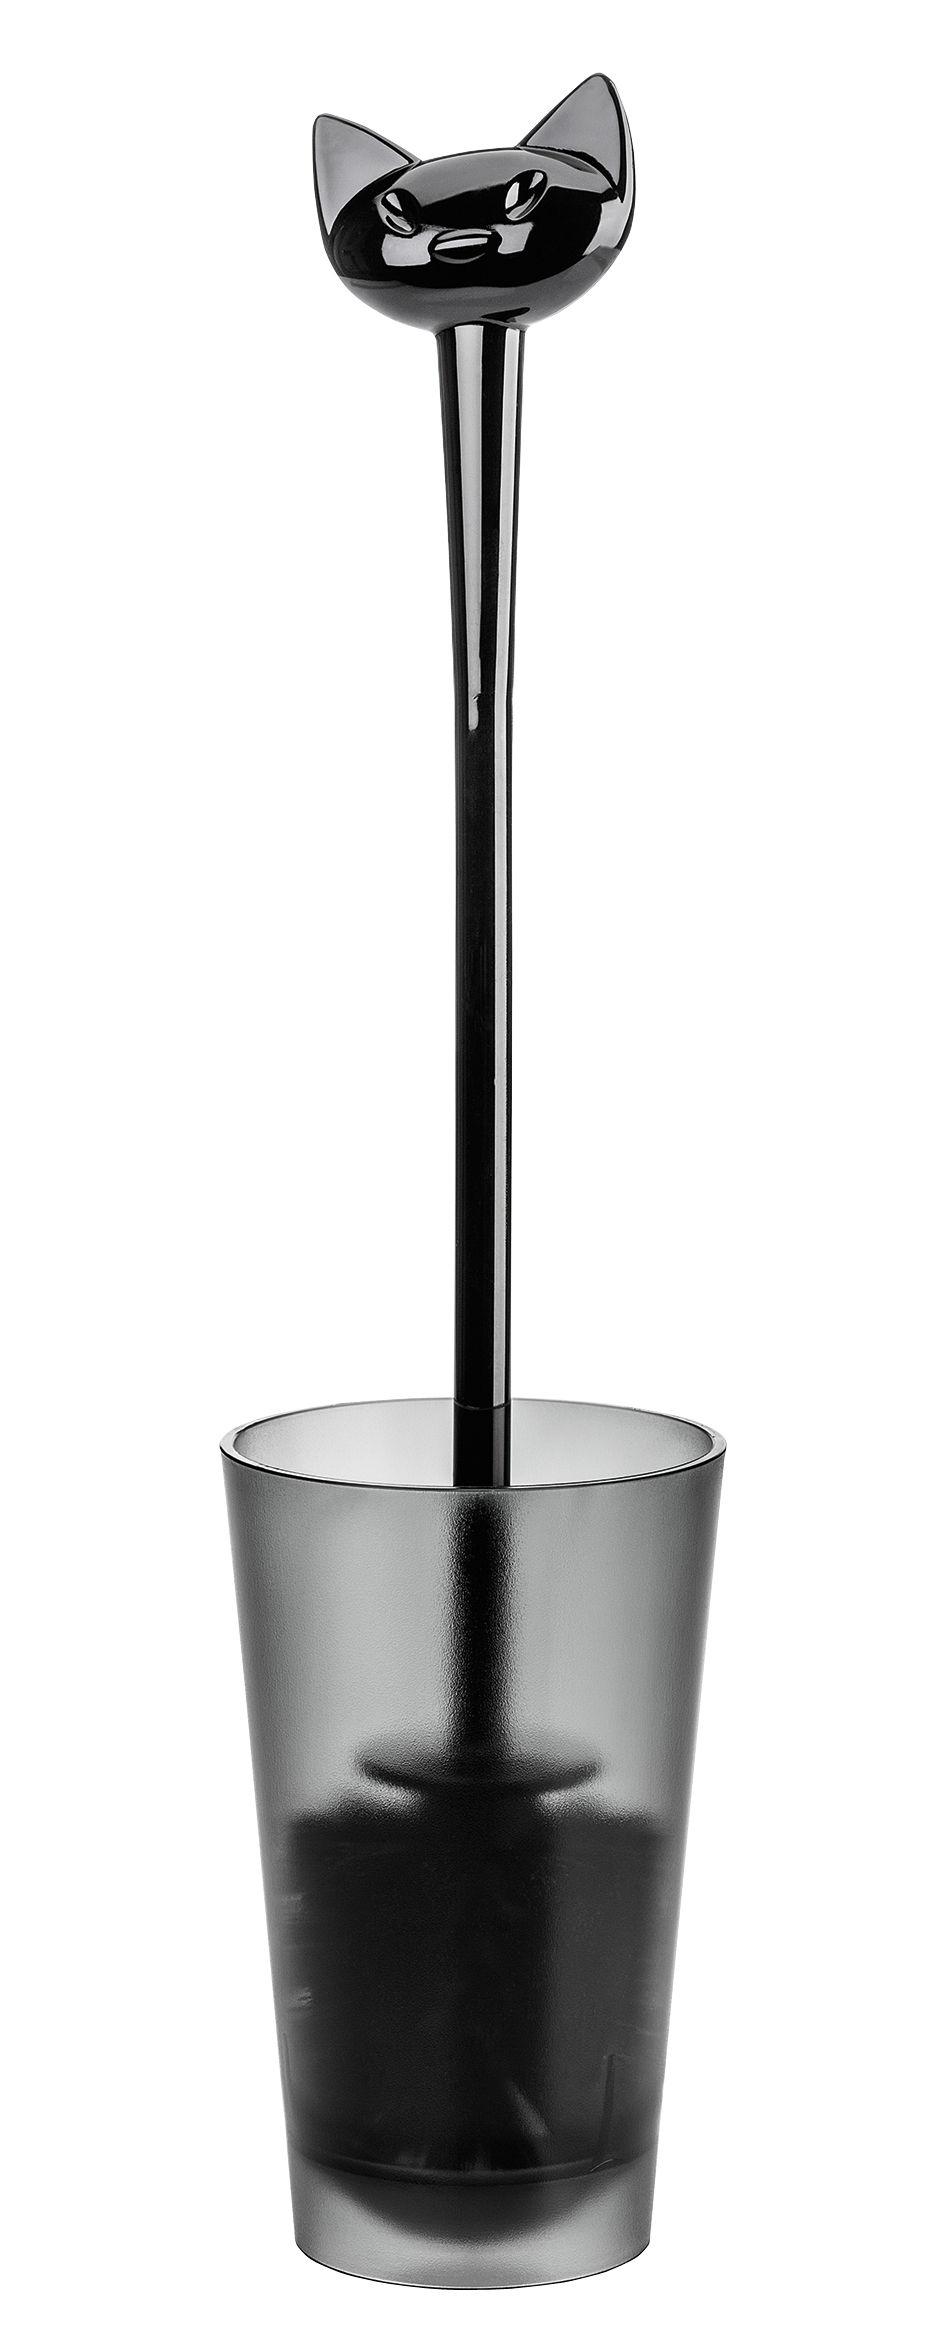 Accessoires - Accessoires salle de bains - Brosse WC Miaou - Koziol - Noir opaque - Plastique